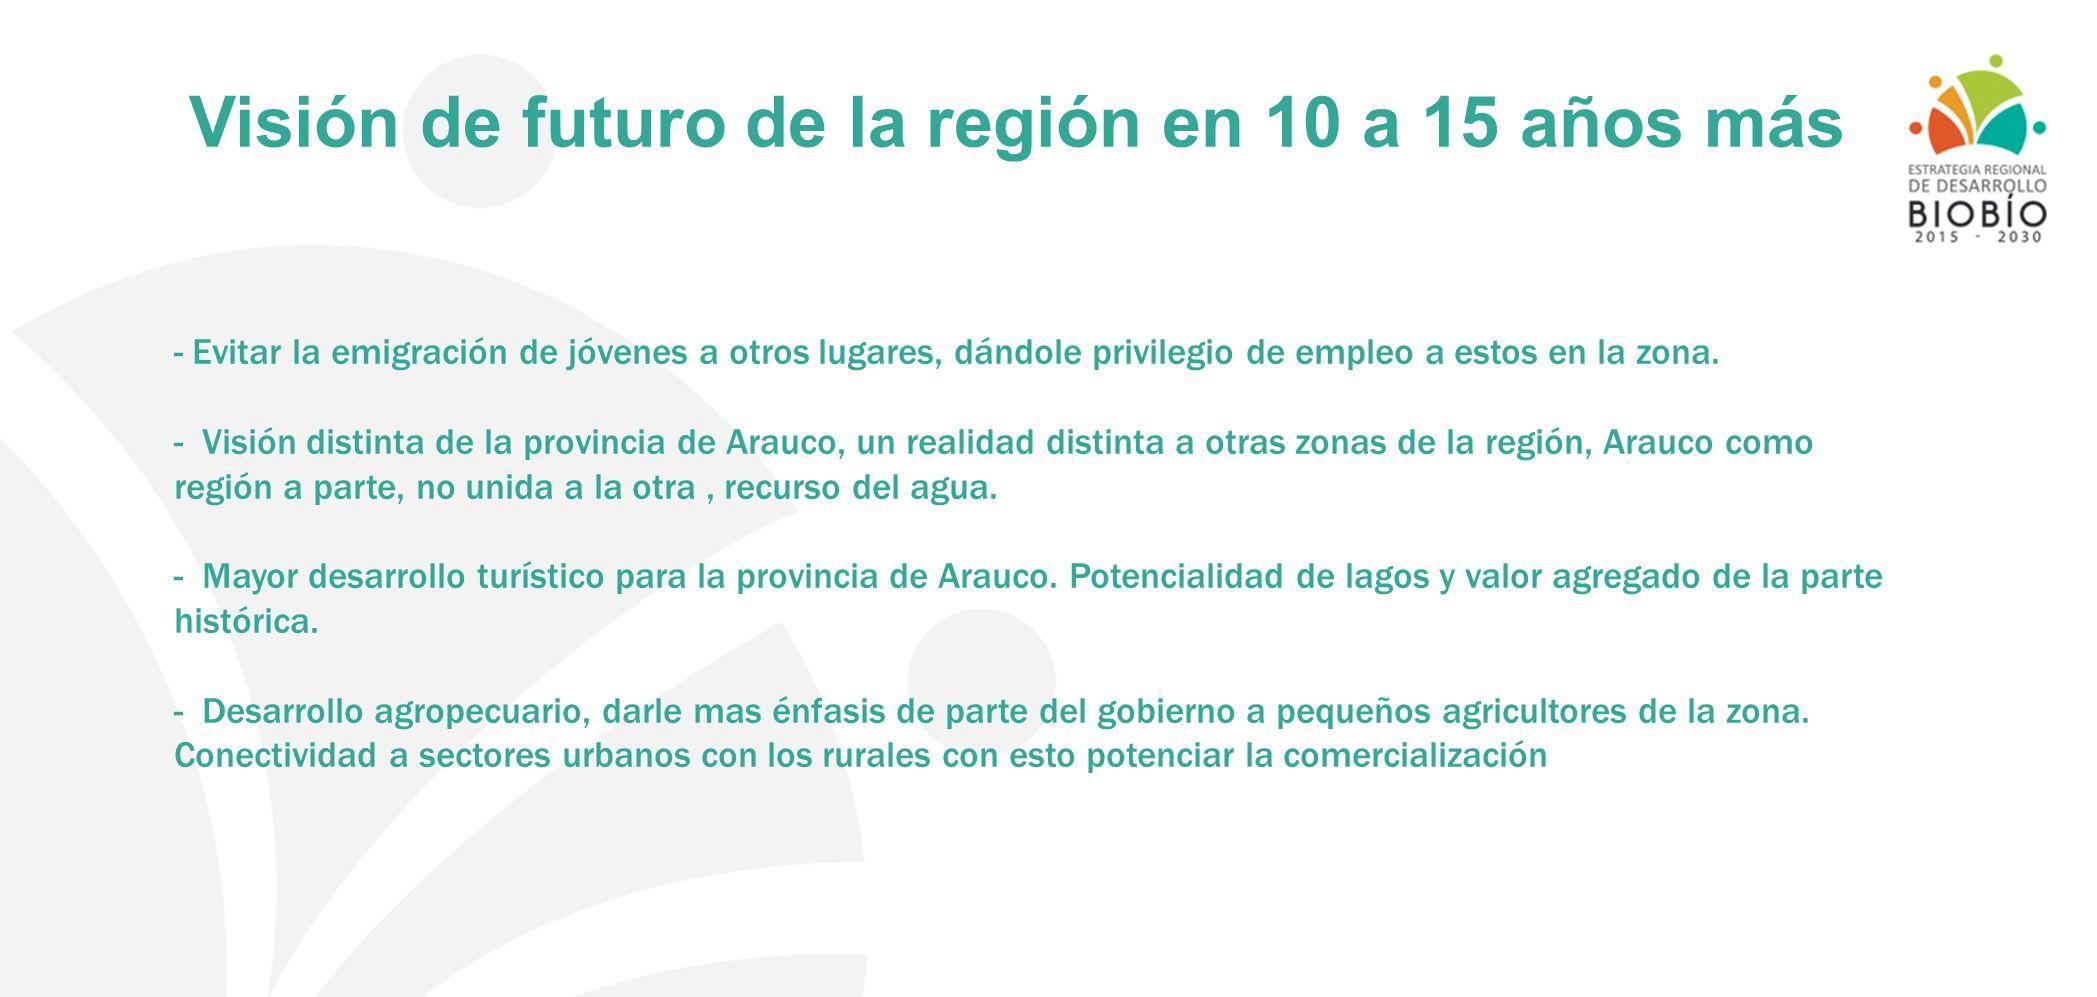 Visión de futuro de la región en 10 a 15 años más